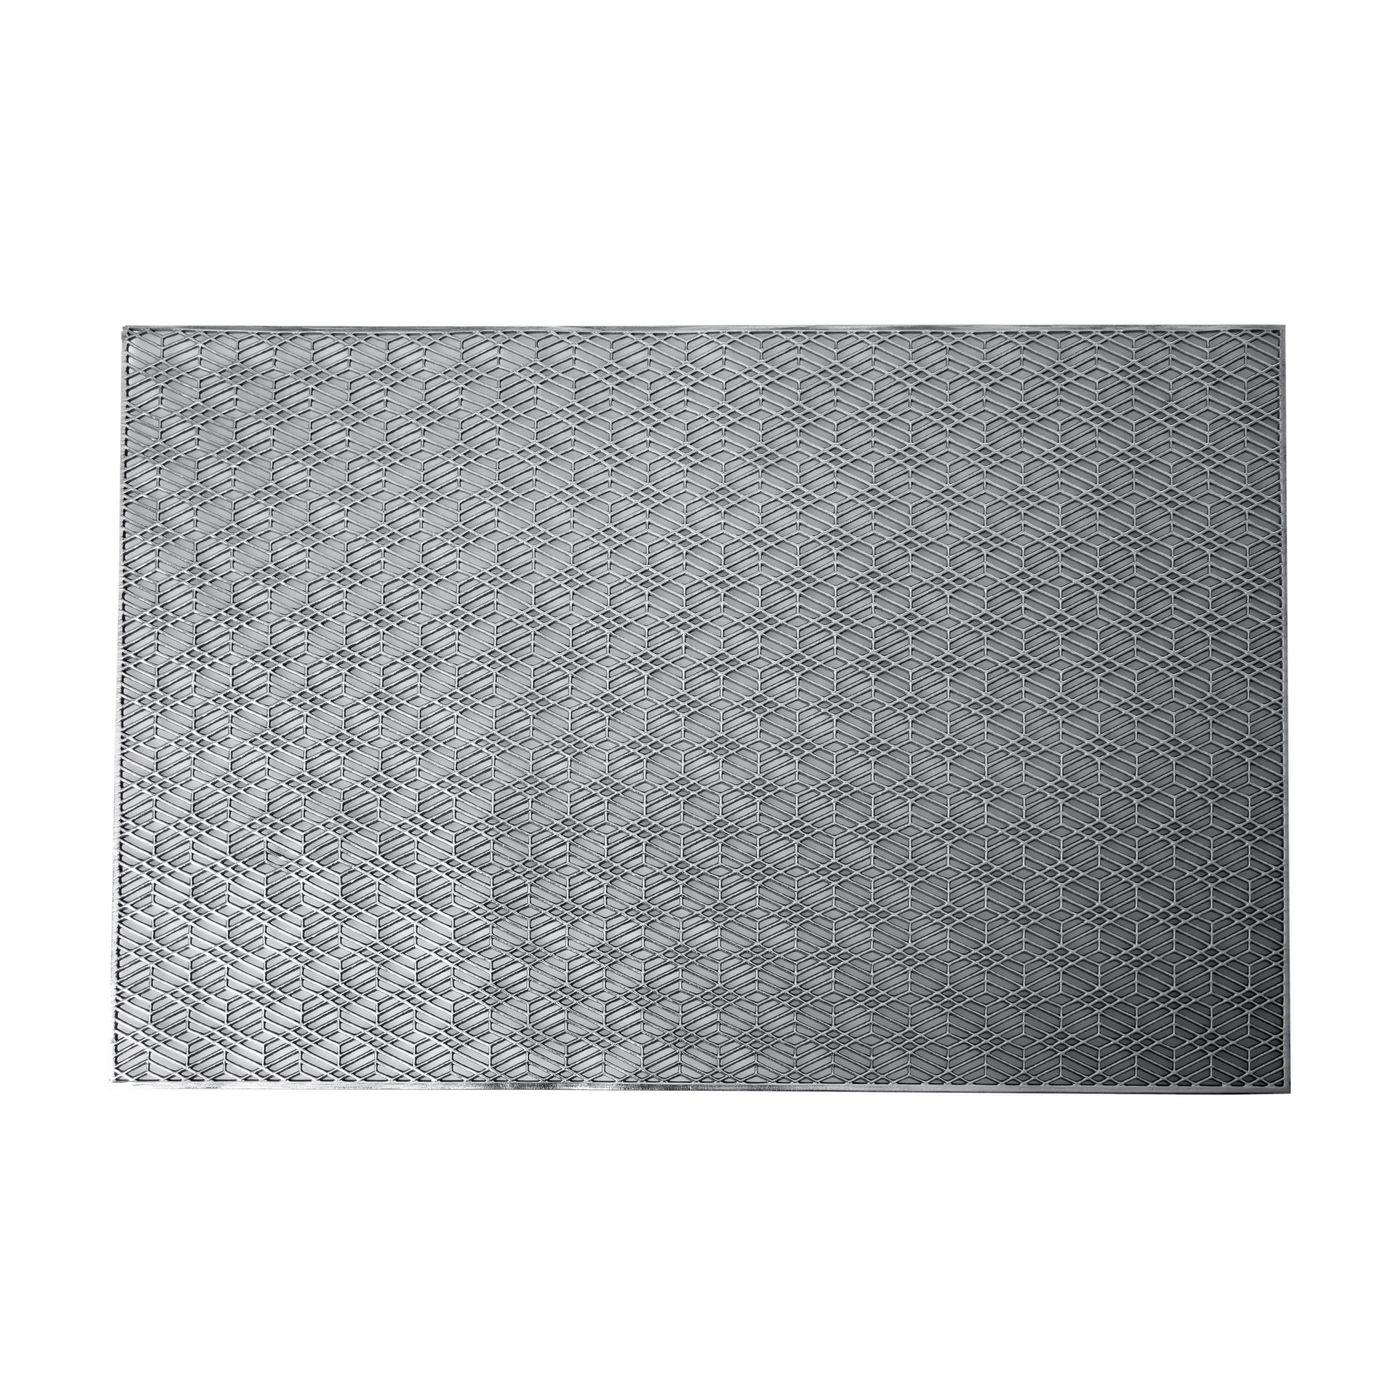 Ażurowa podkładka stołowa srebrna wzór geometryczny 45x30 cm